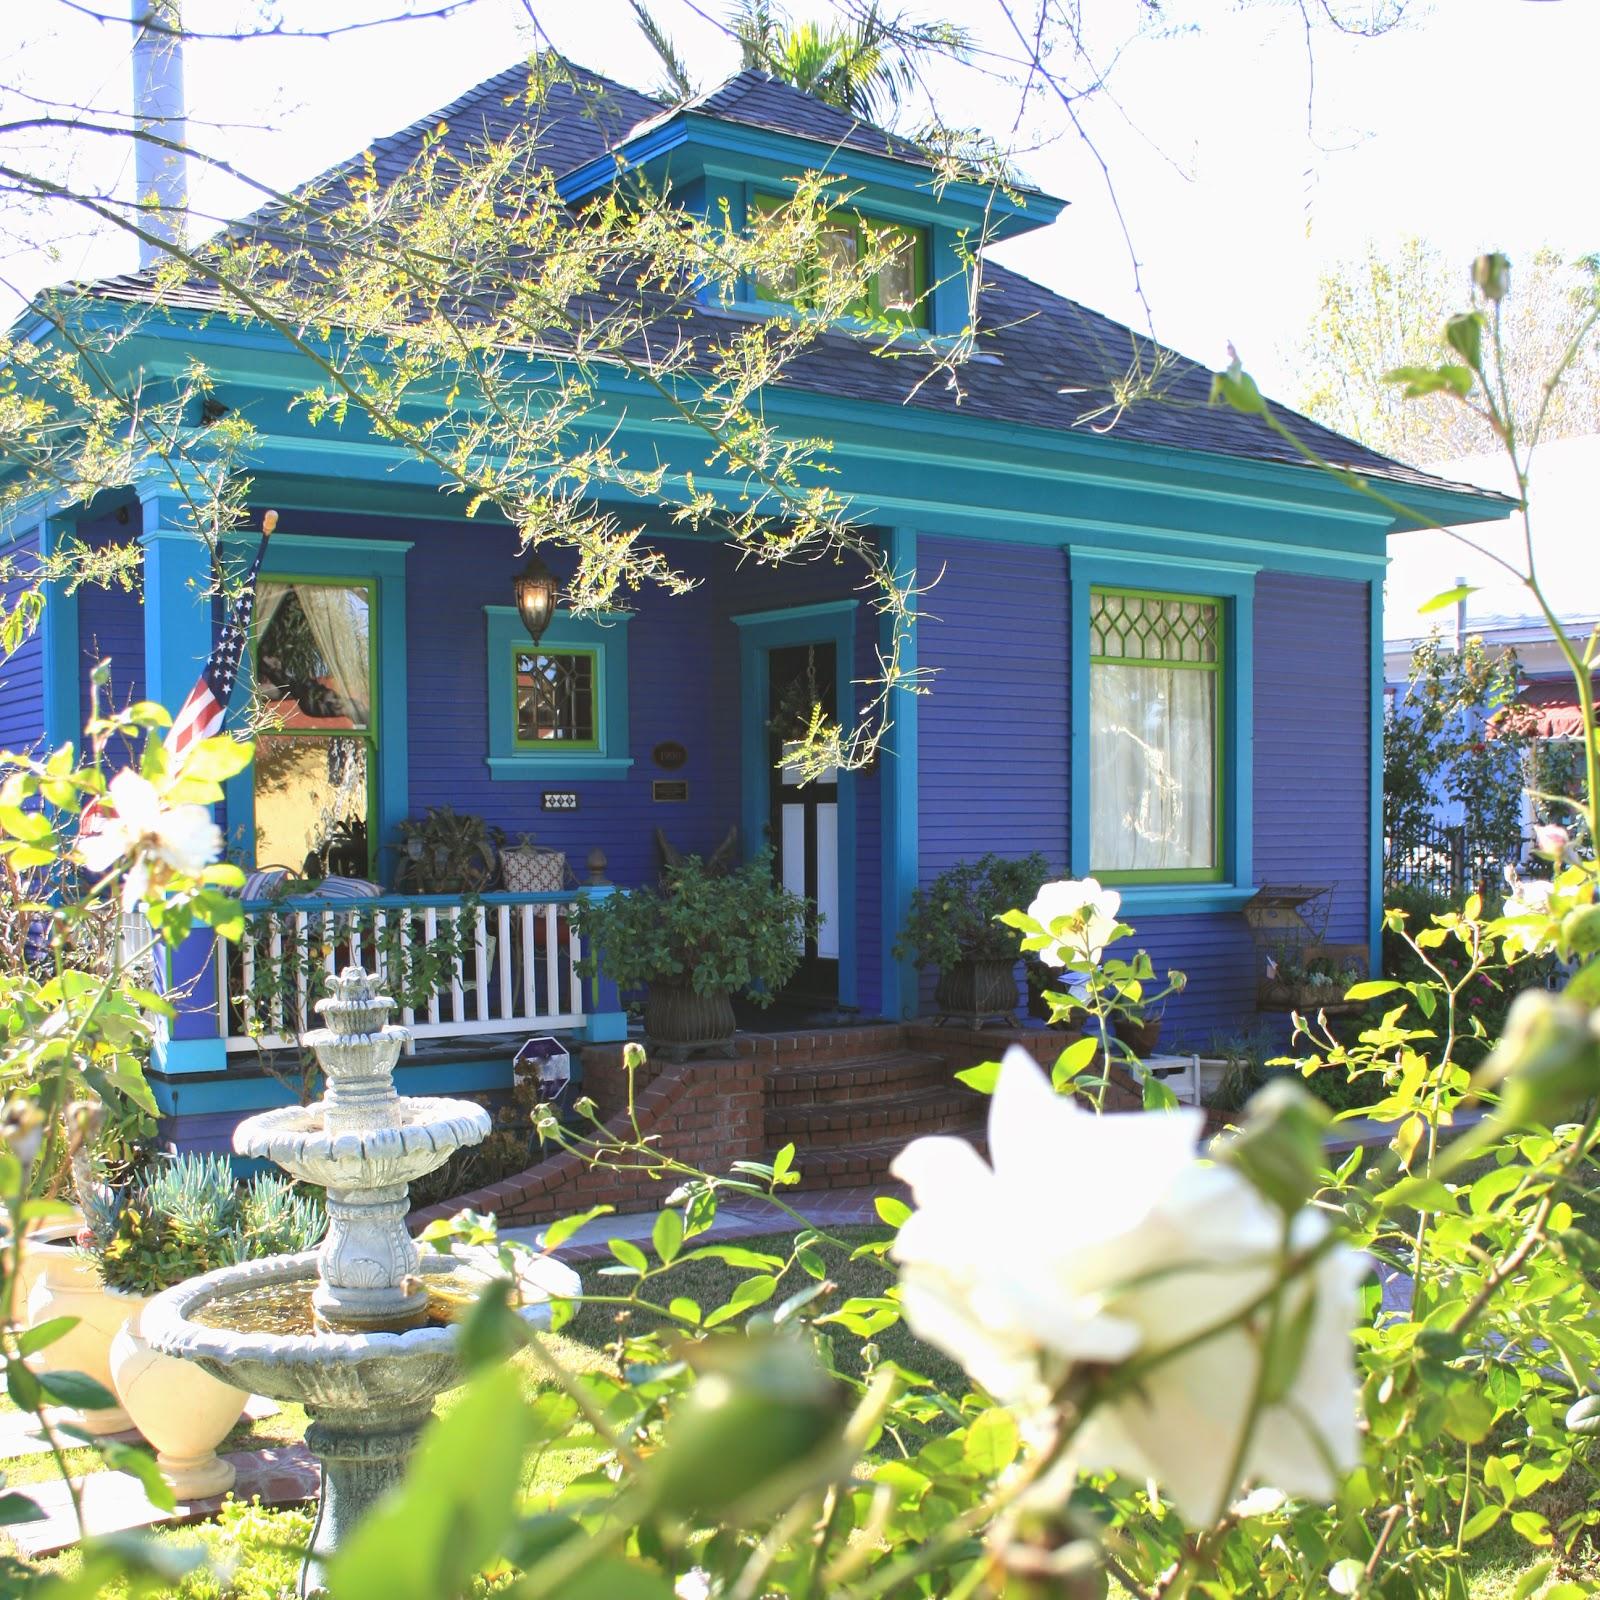 real cottage estate village image in orange full al beach cypress of loop property cottages